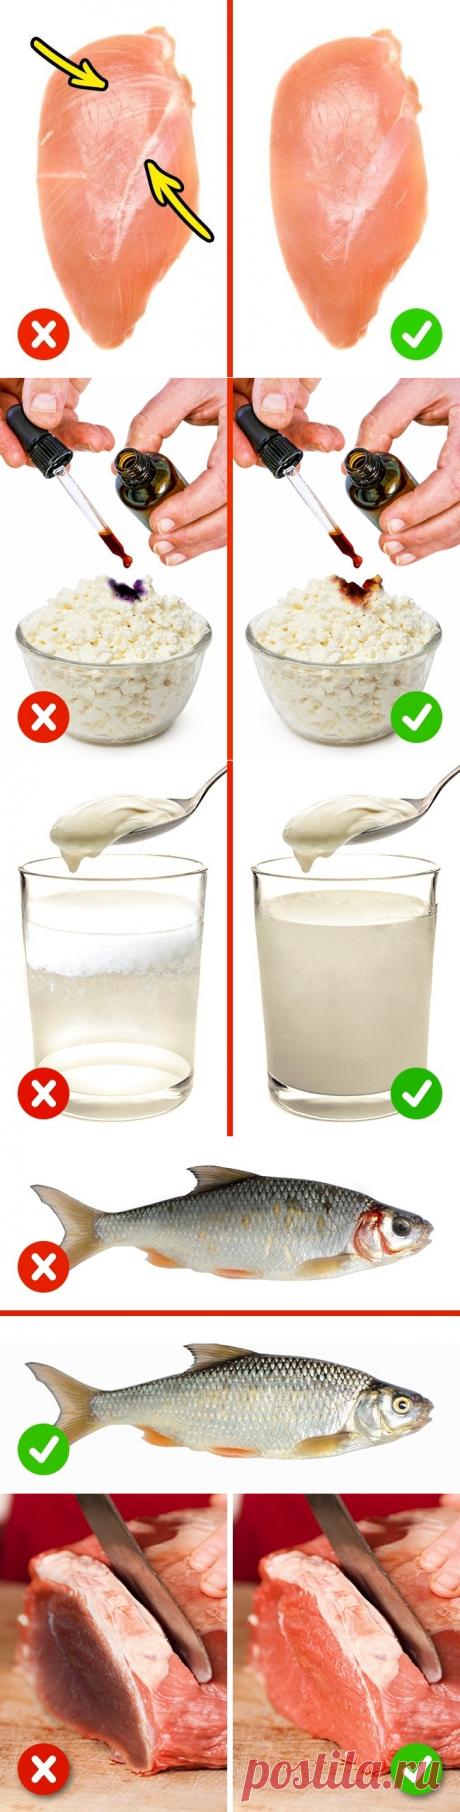 10 способов проверить качество продуктов, которые вы едите каждый день